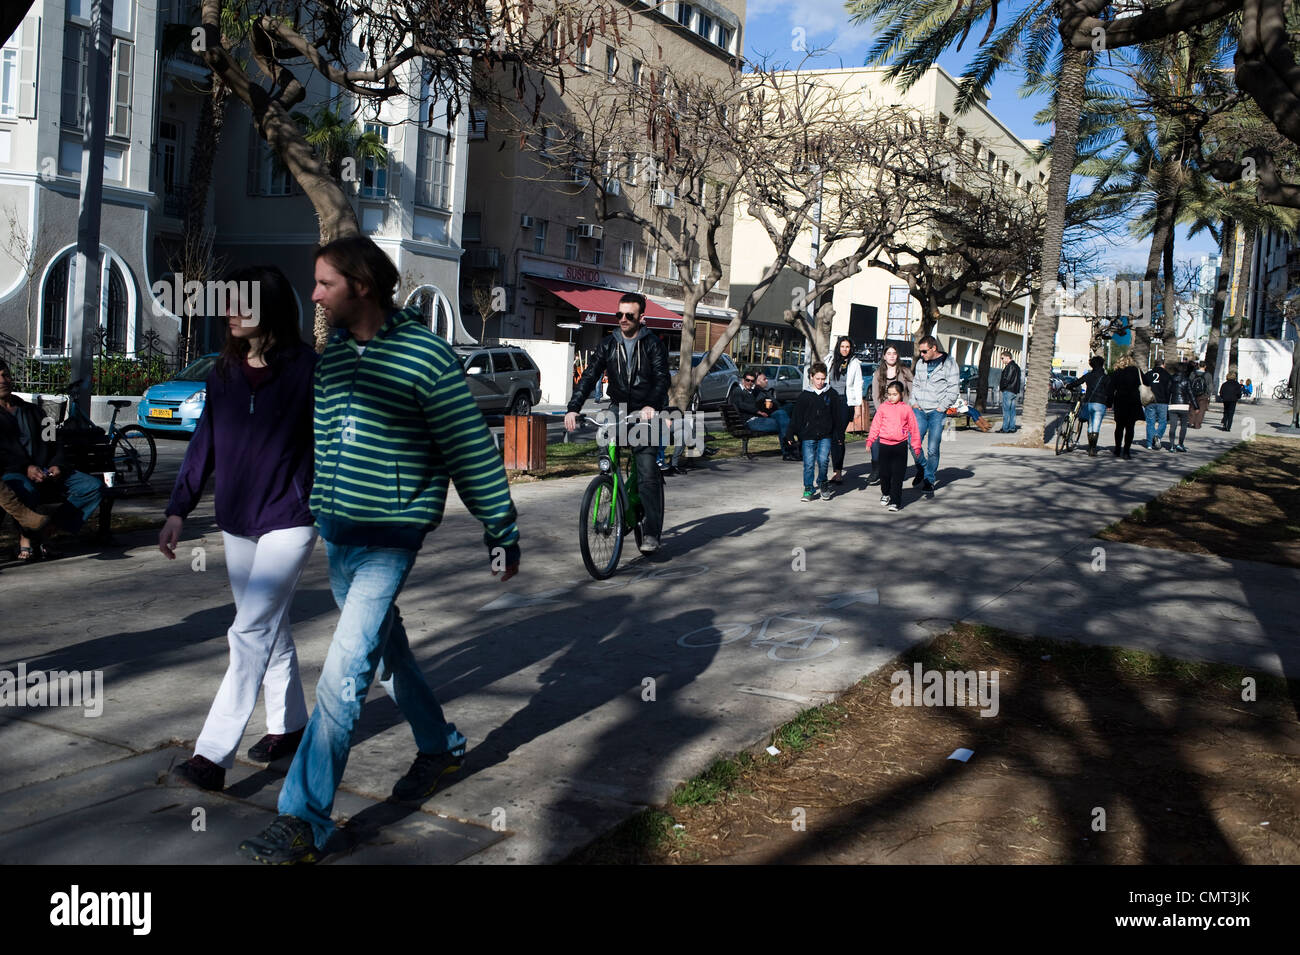 Rothschild Boulevard, Tel Aviv, Israel. - Stock Image